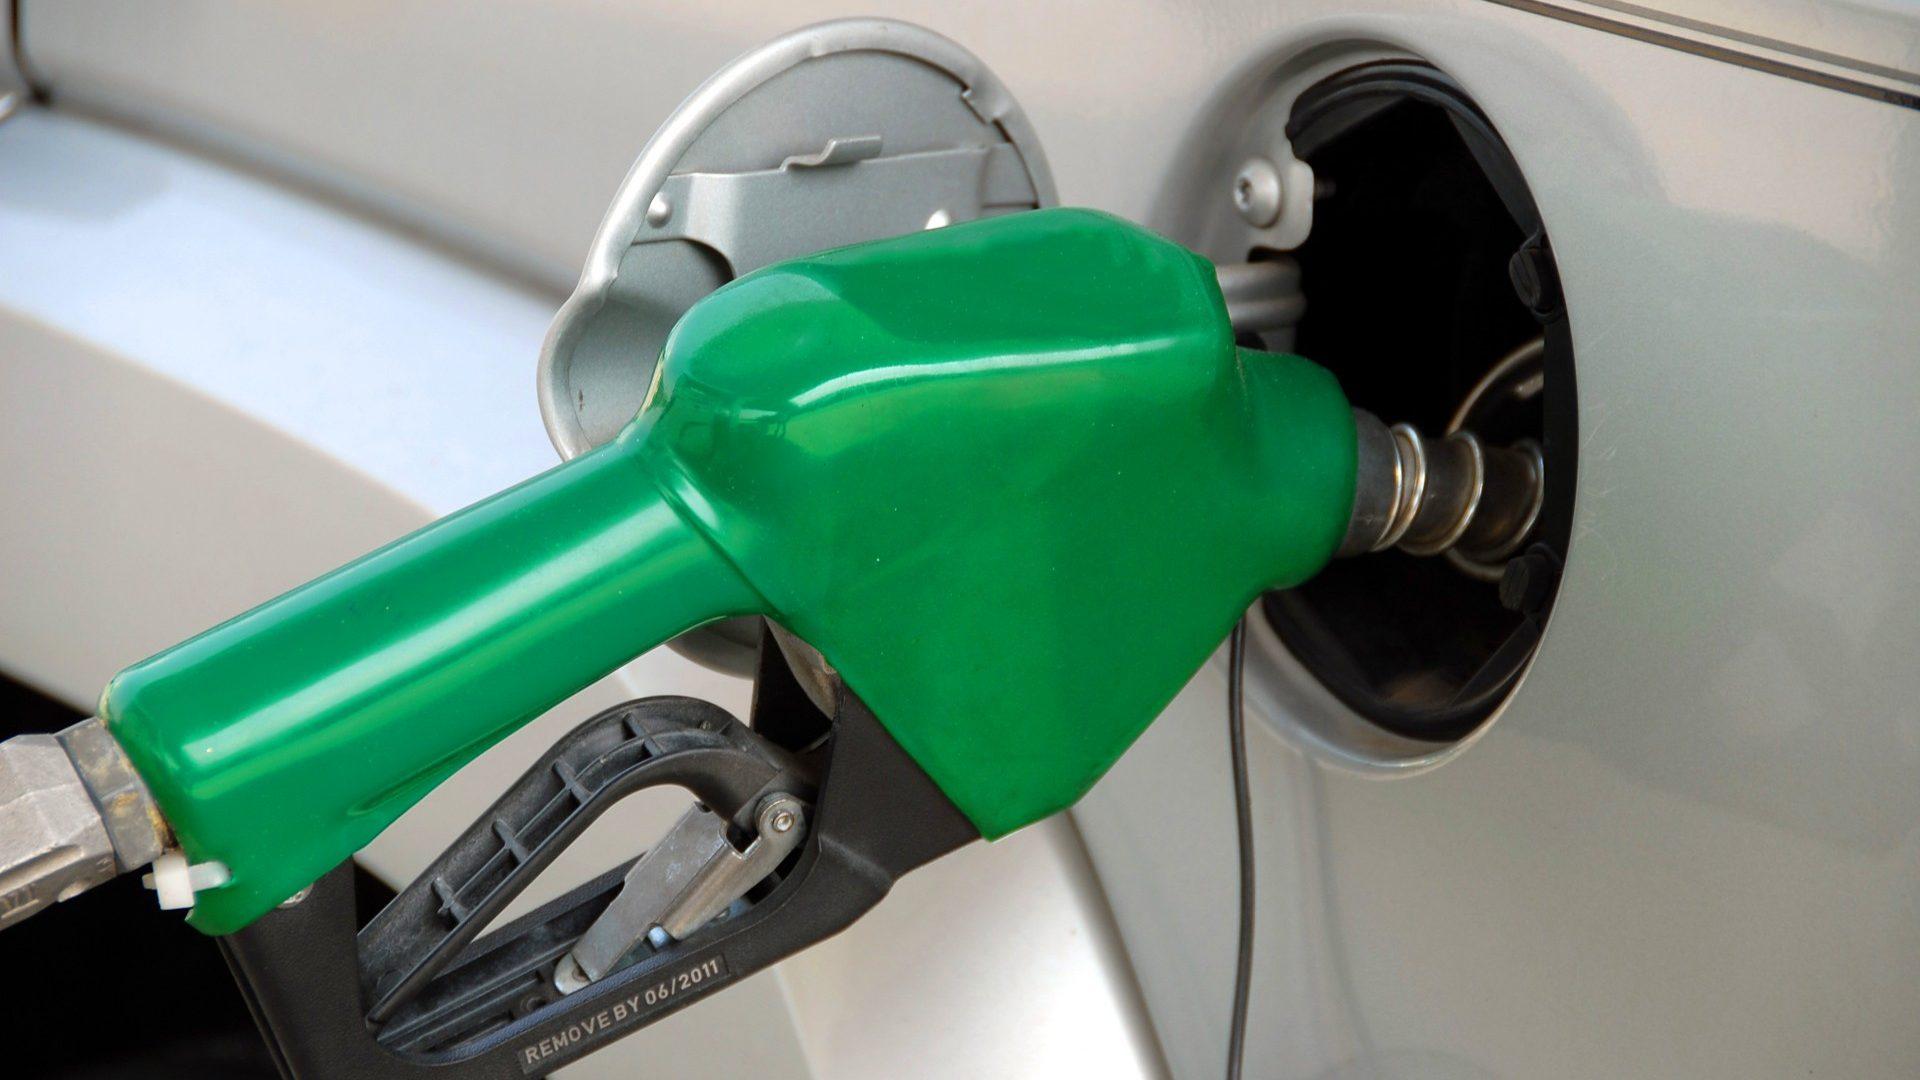 Gasolina vai descer 1,5 cêntimos por litro na próxima semana. Gasóleo baixa meio cêntimo